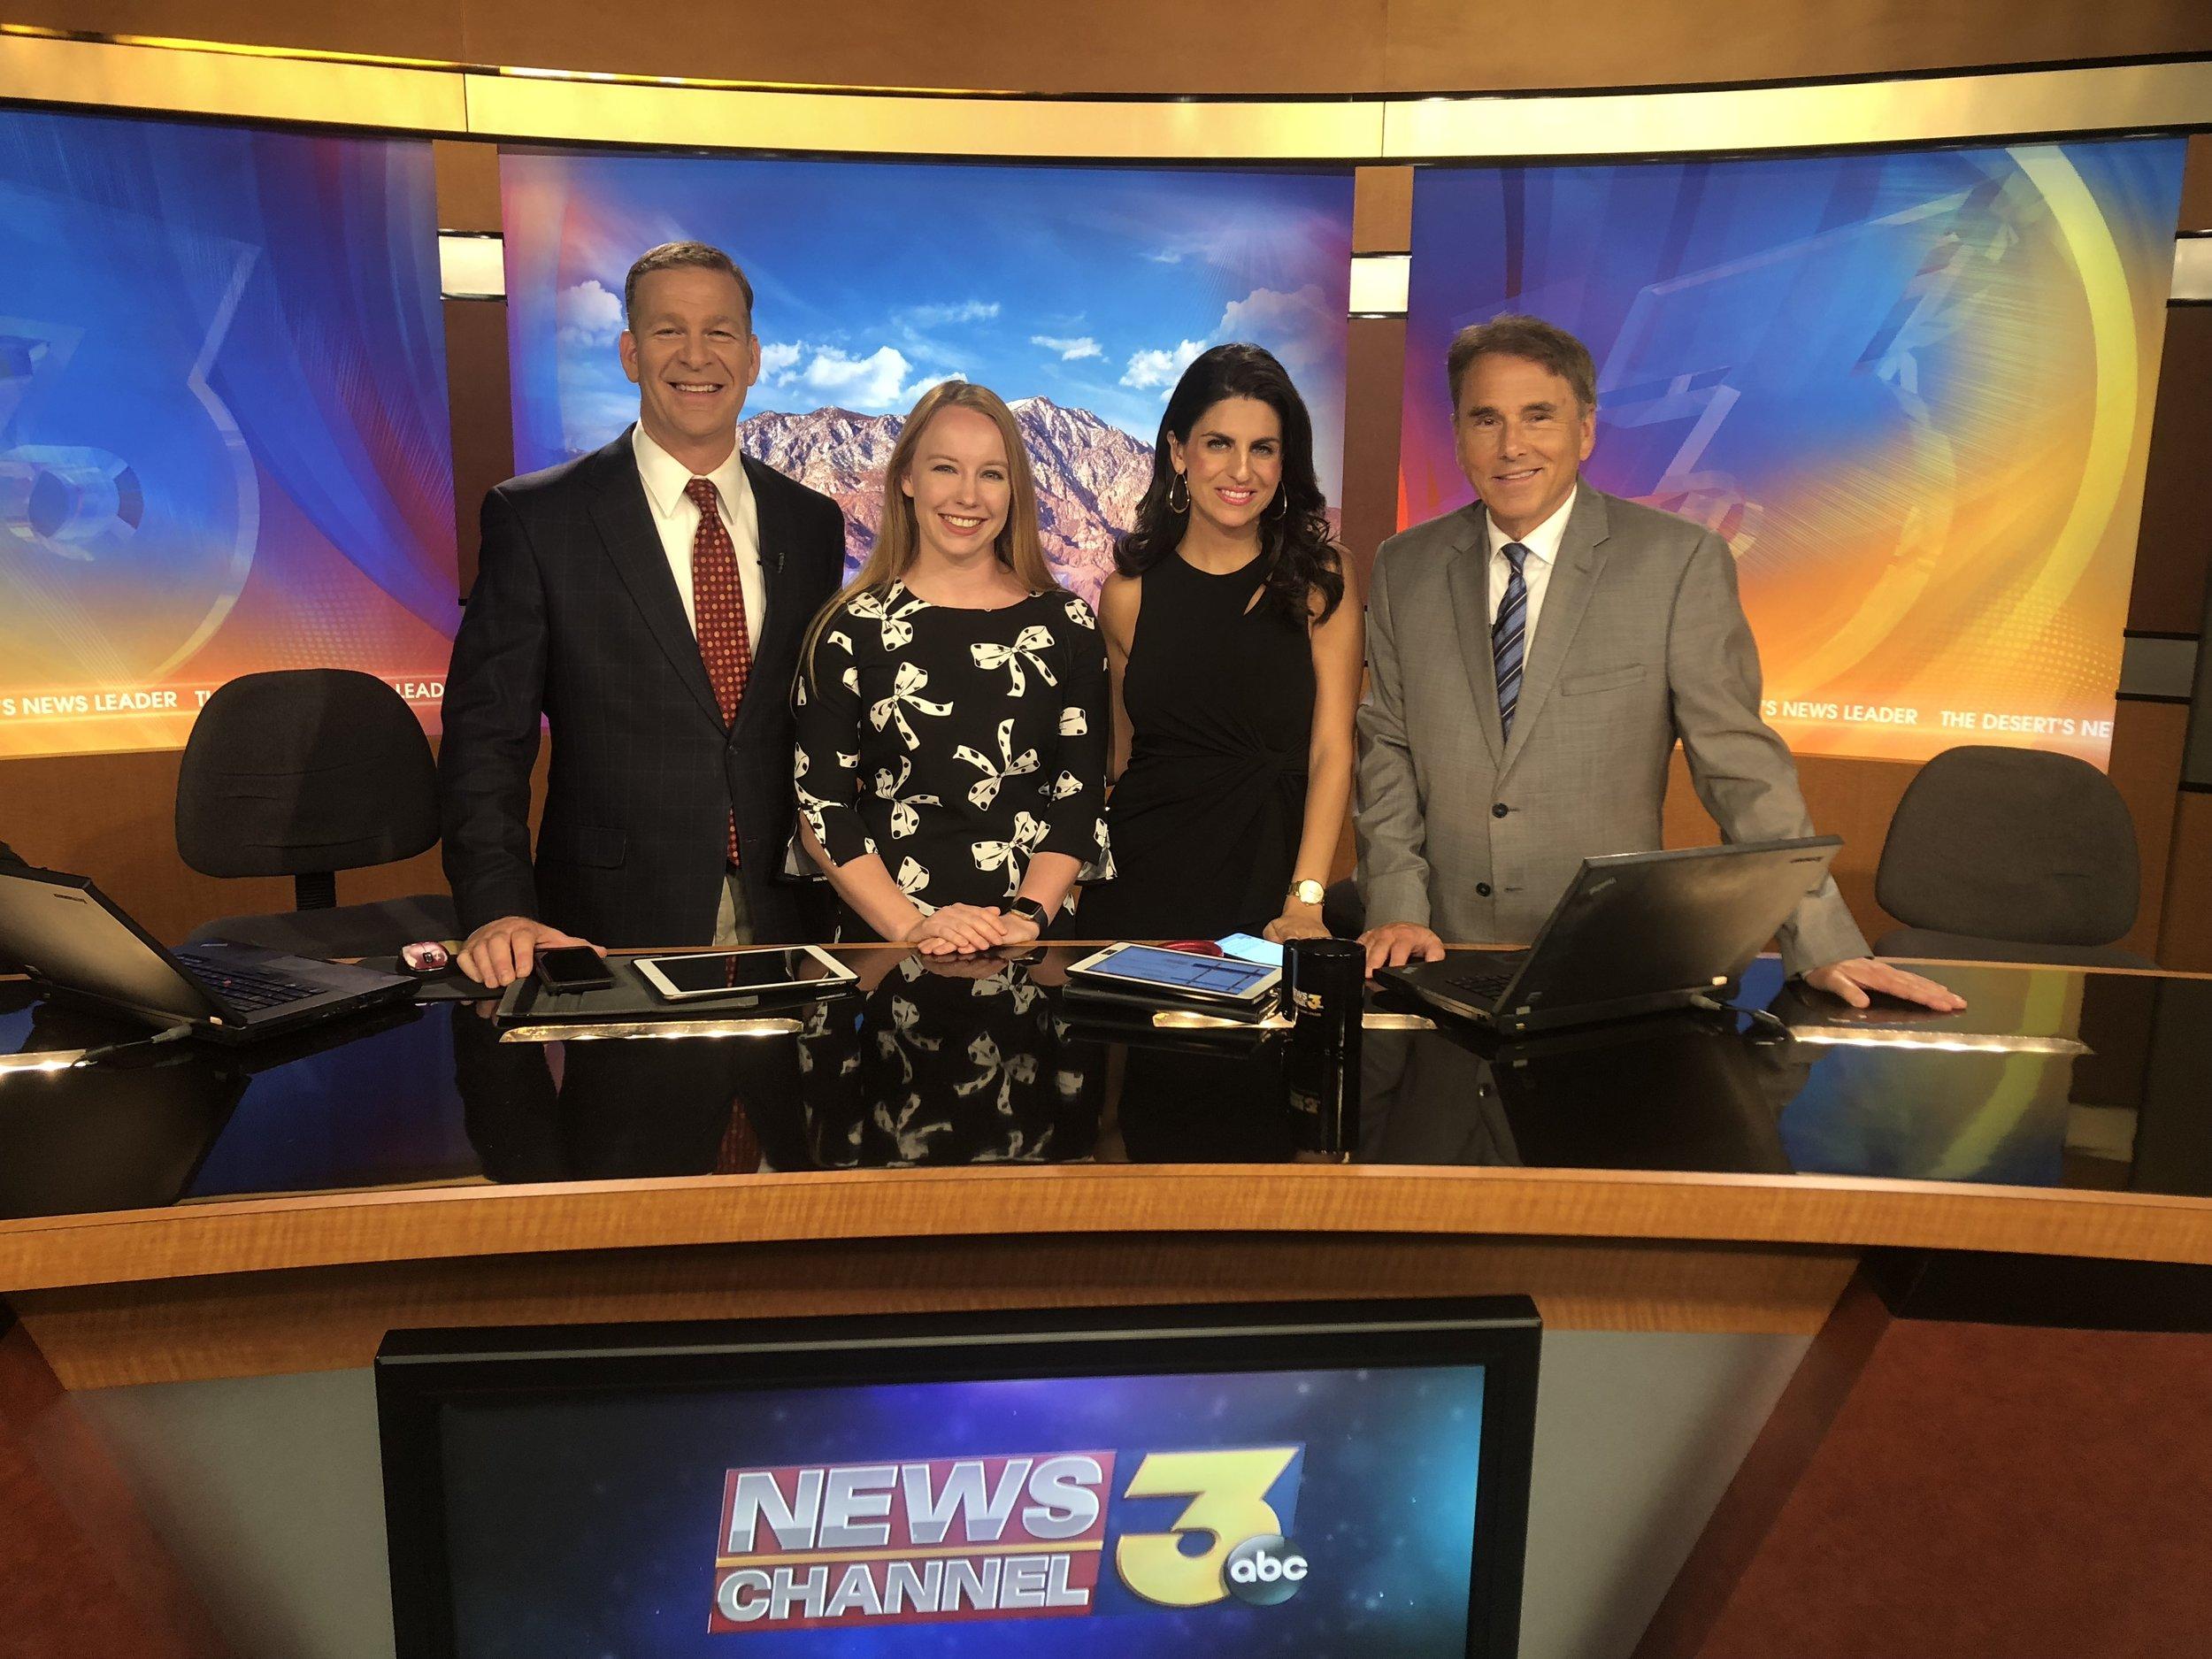 Morning News Team